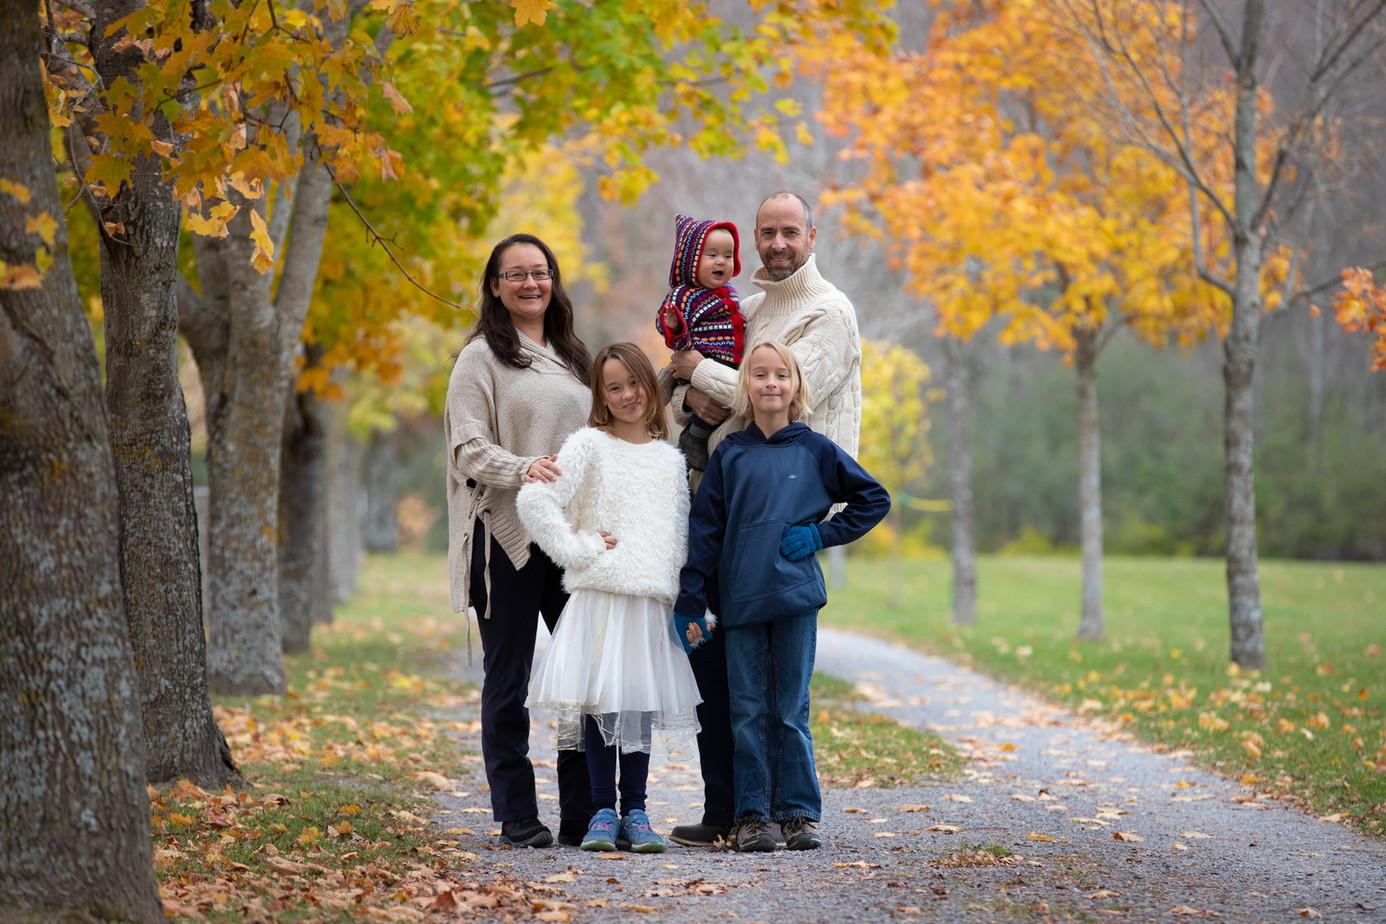 Family Photo October 2018.jpg